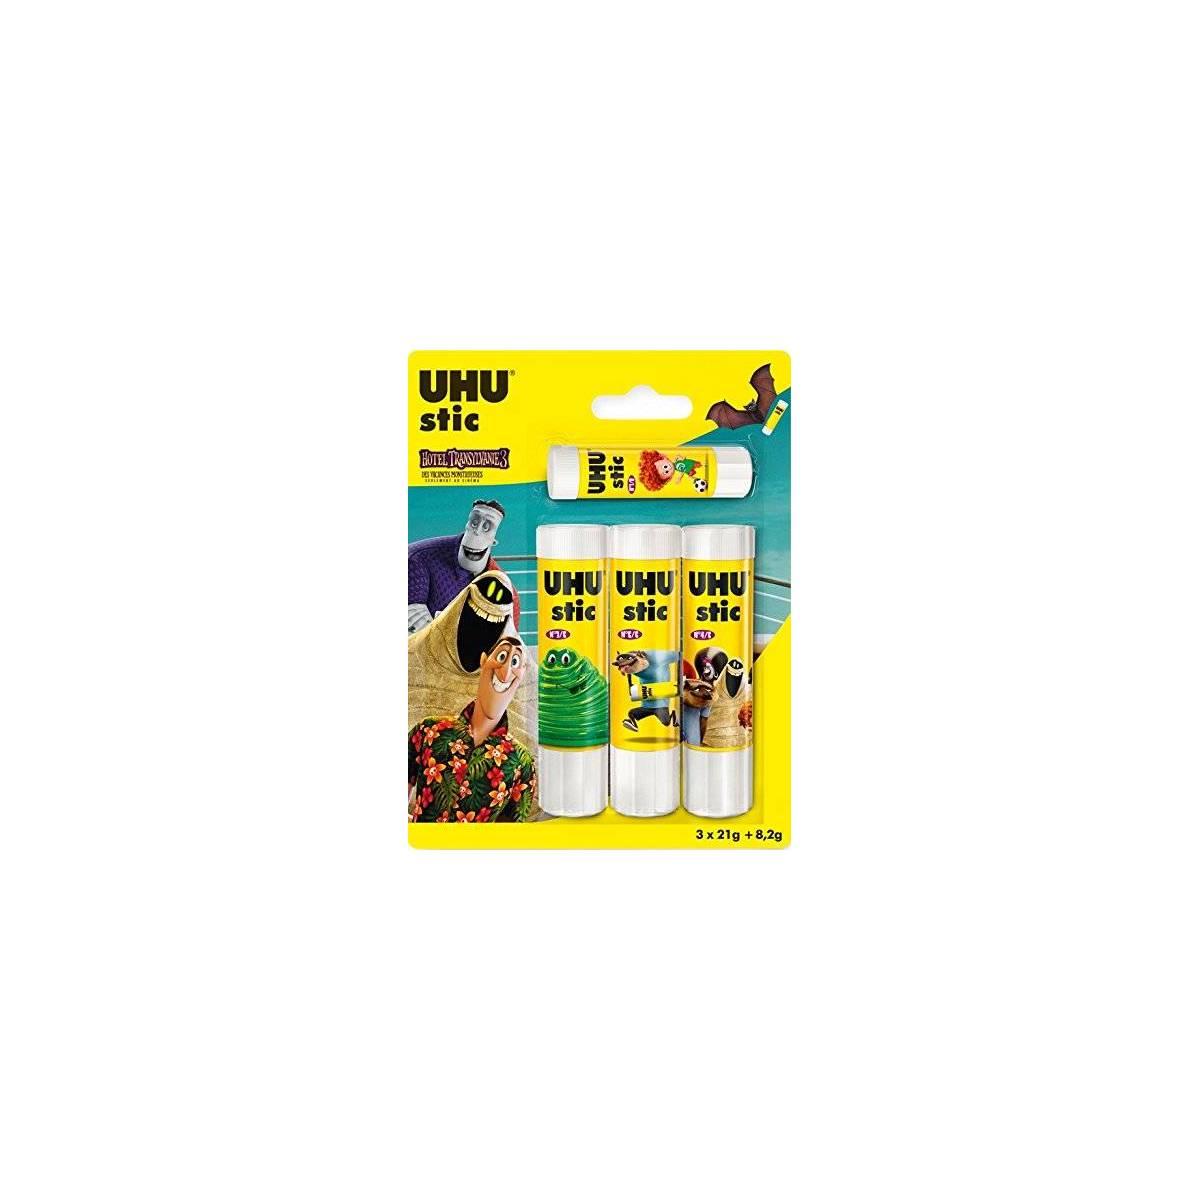 Lot de batons de colle UHU 21 gr + 1 stick 8,2 gr gratis